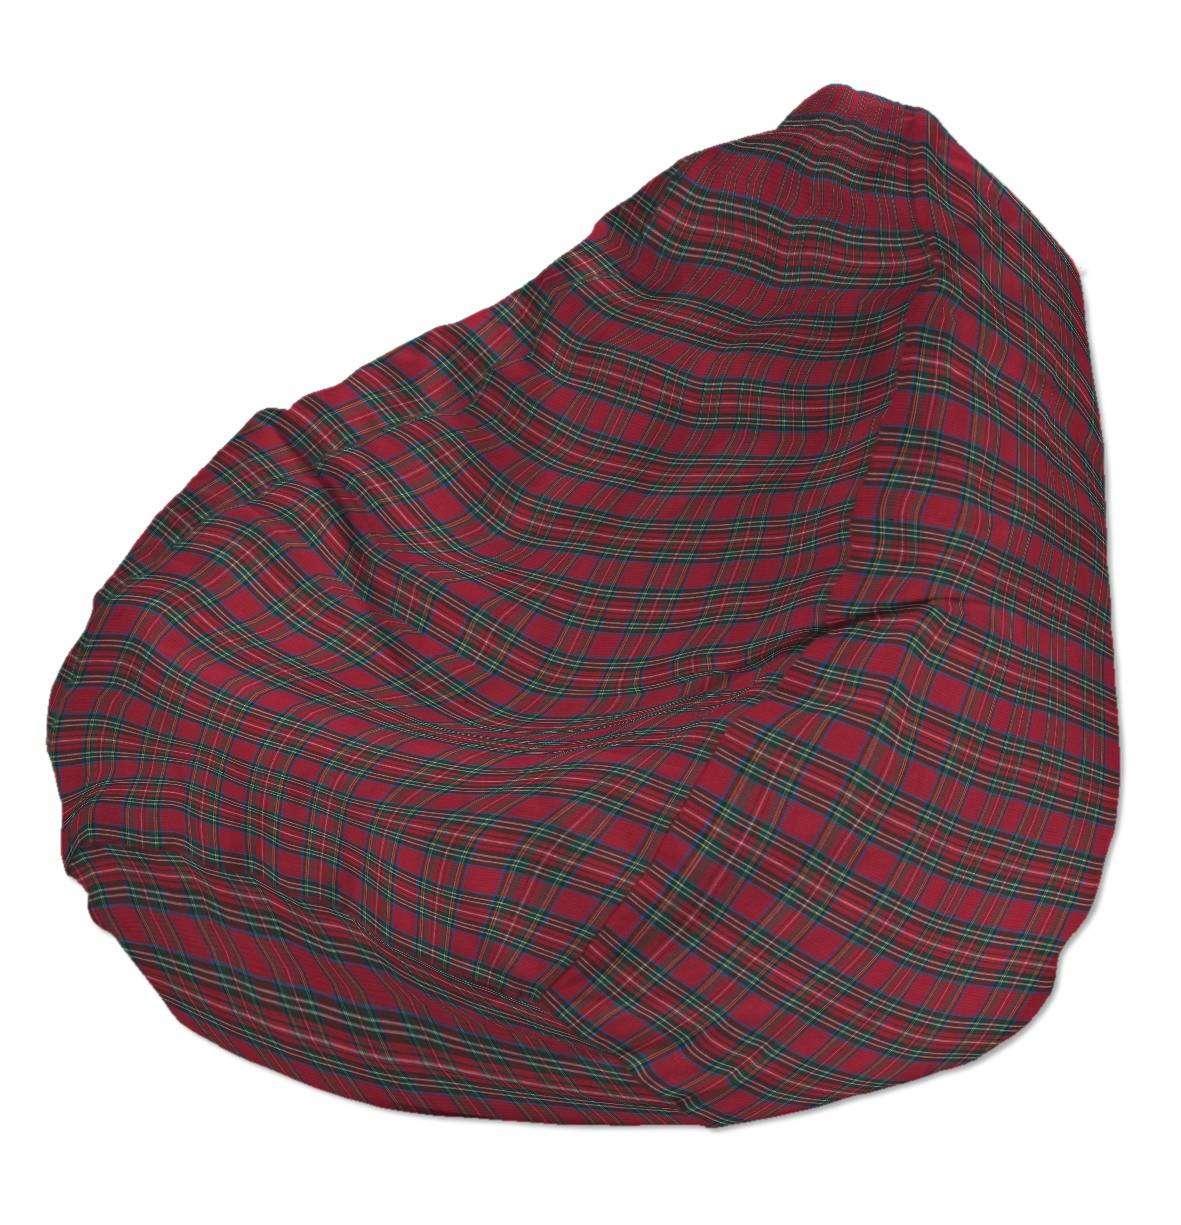 Bezug für Sitzsack Bezug für Sitzsack Ø50x85 cm von der Kollektion Bristol, Stoff: 126-29